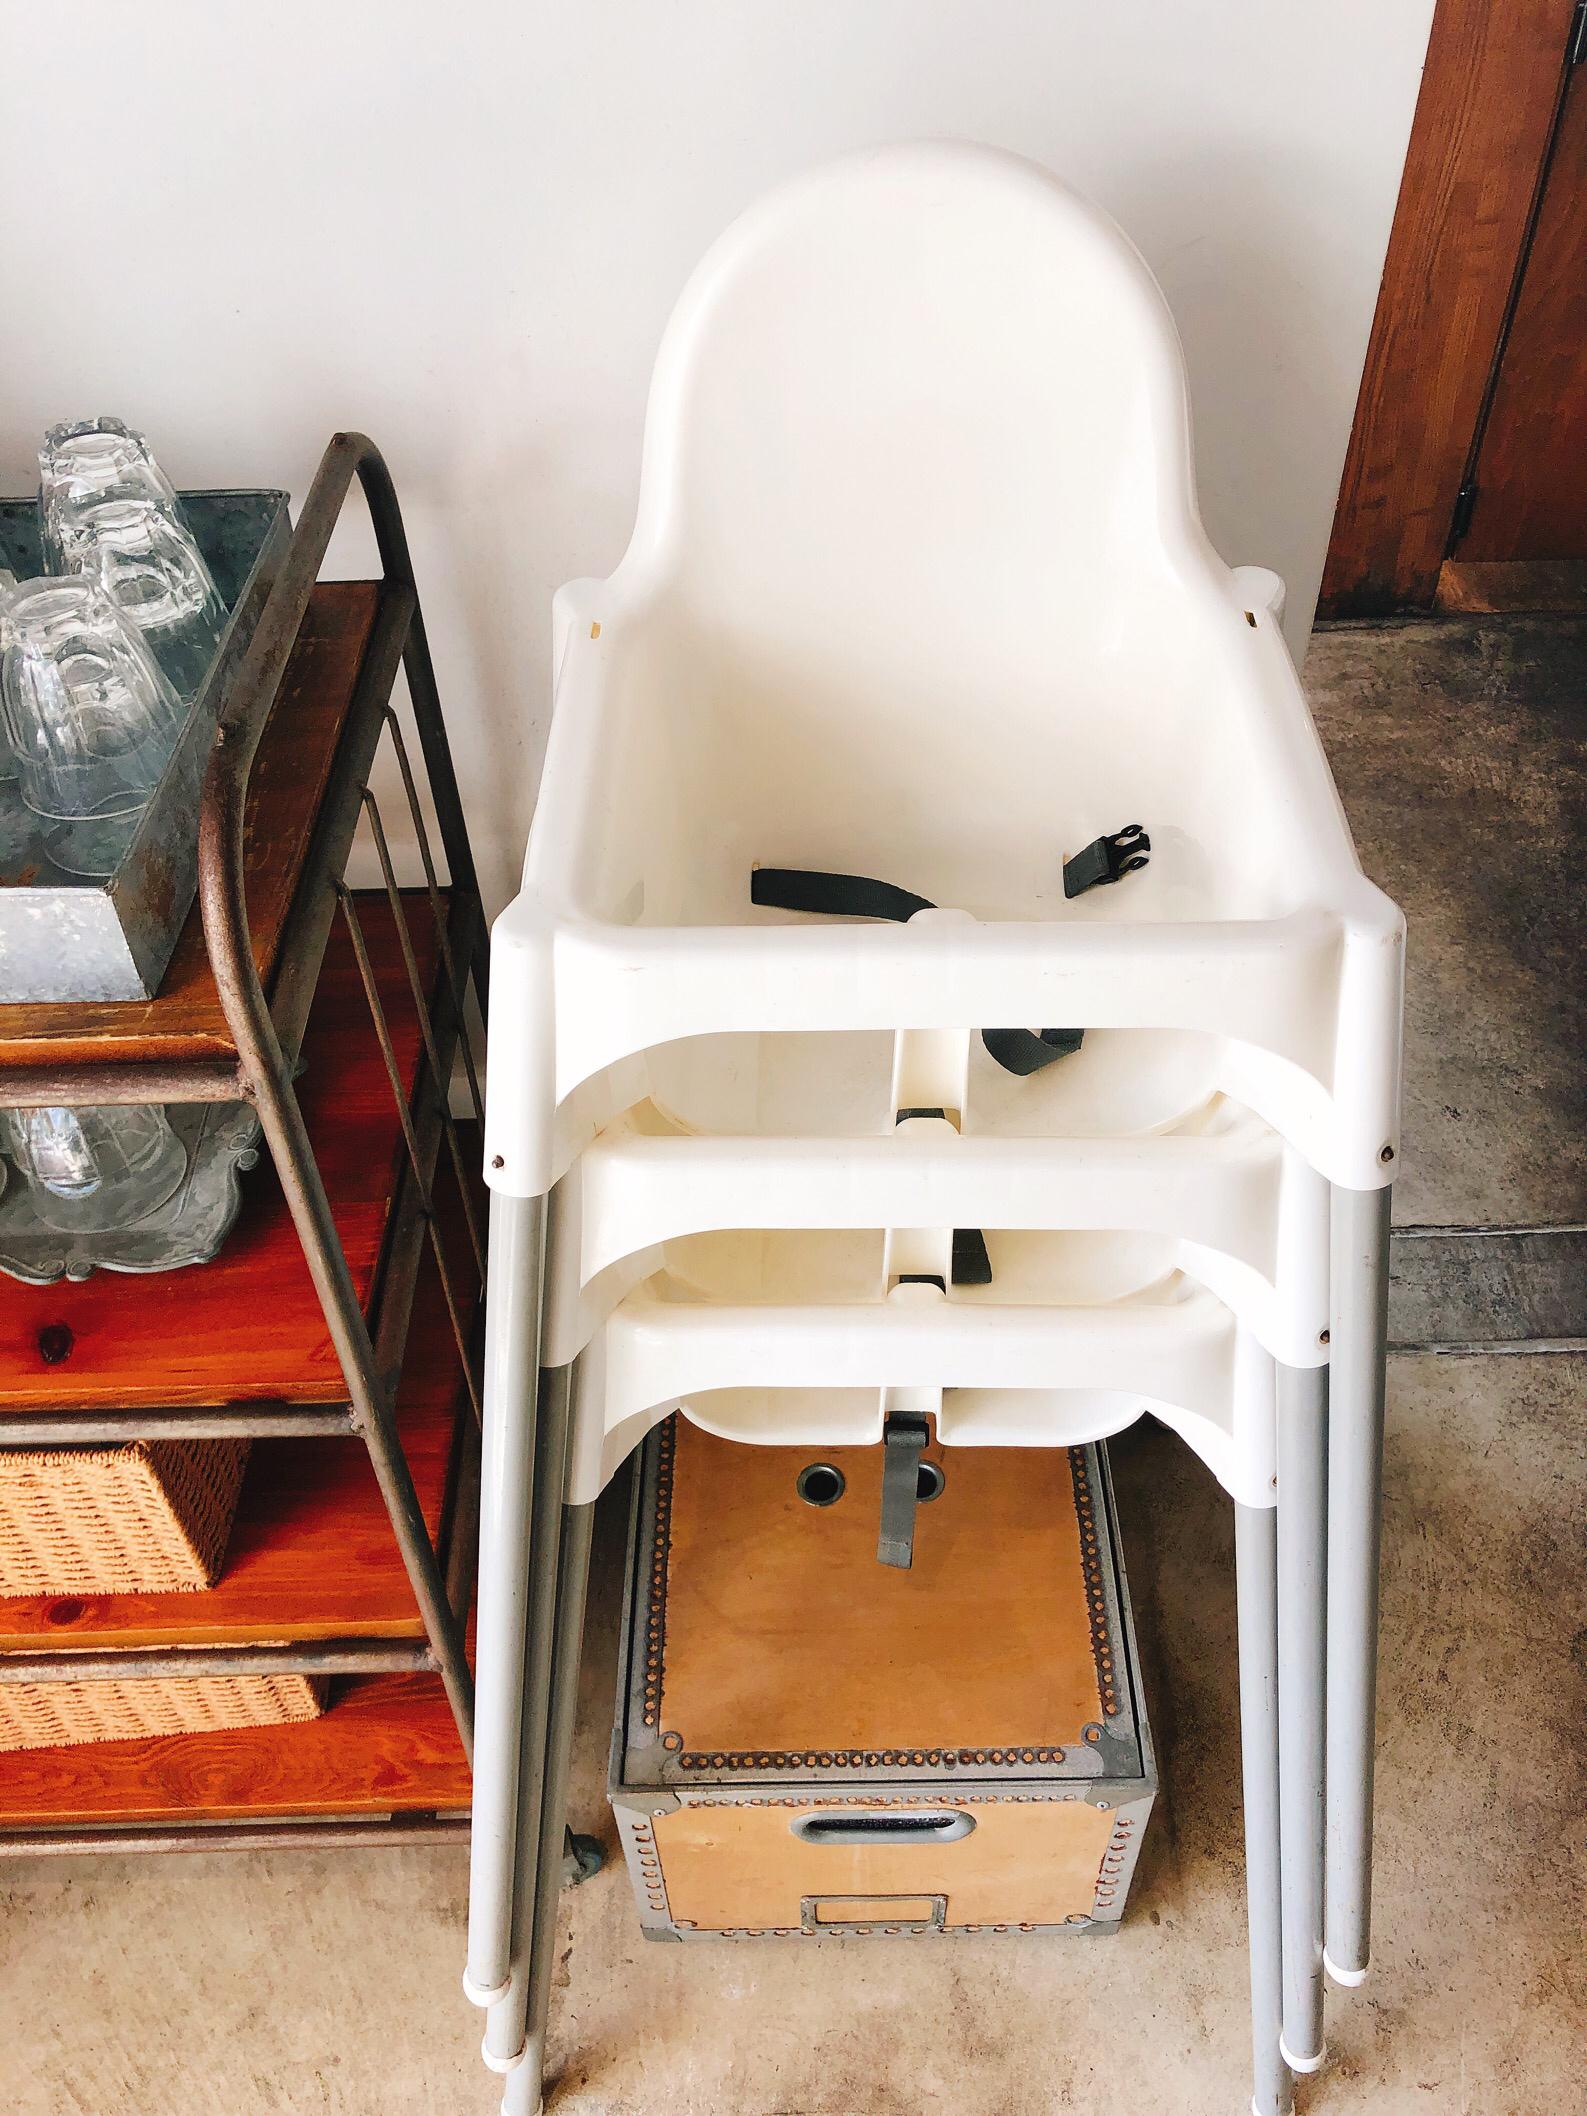 ダブルサンドイッチ、お子様用の椅子。たくさん用意されているのも嬉しい。